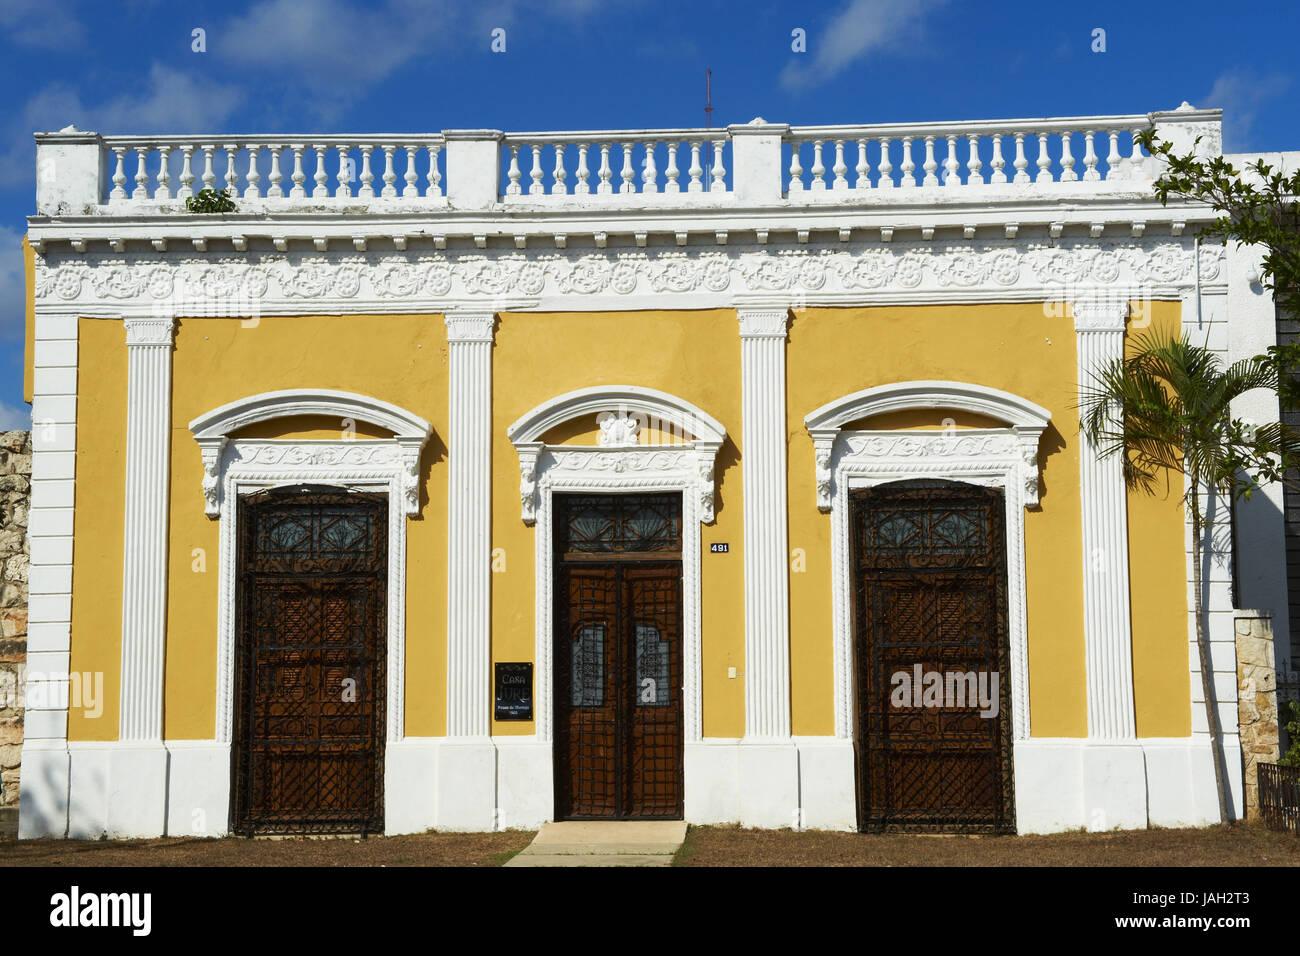 Mexico,Yucatan,Merida,capital,coloured facade of a colonial